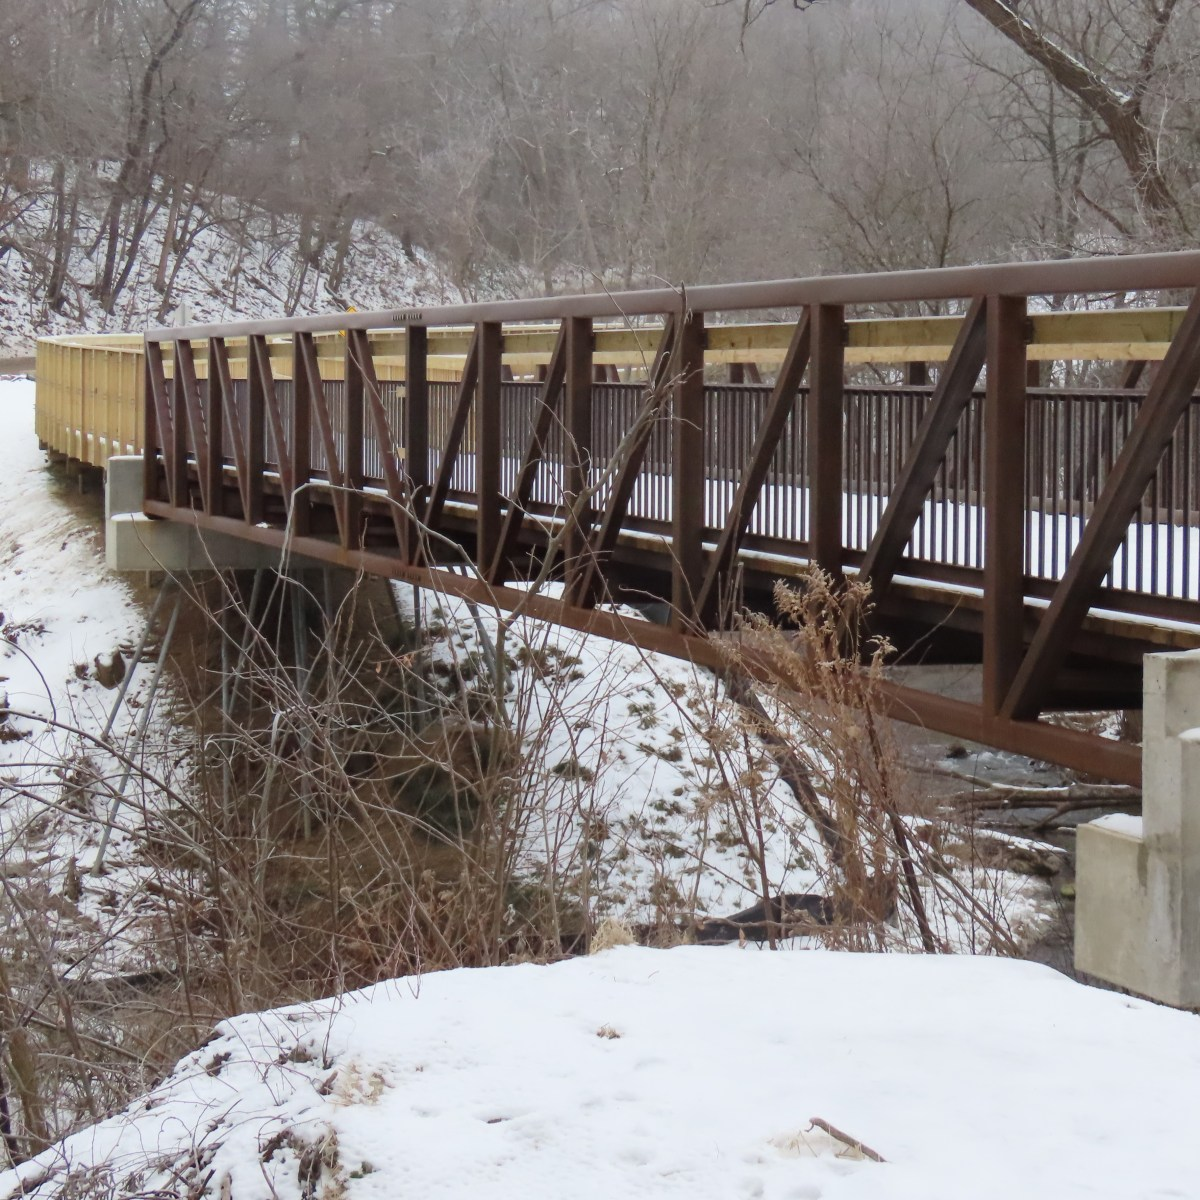 Steel bridge over a wide creek